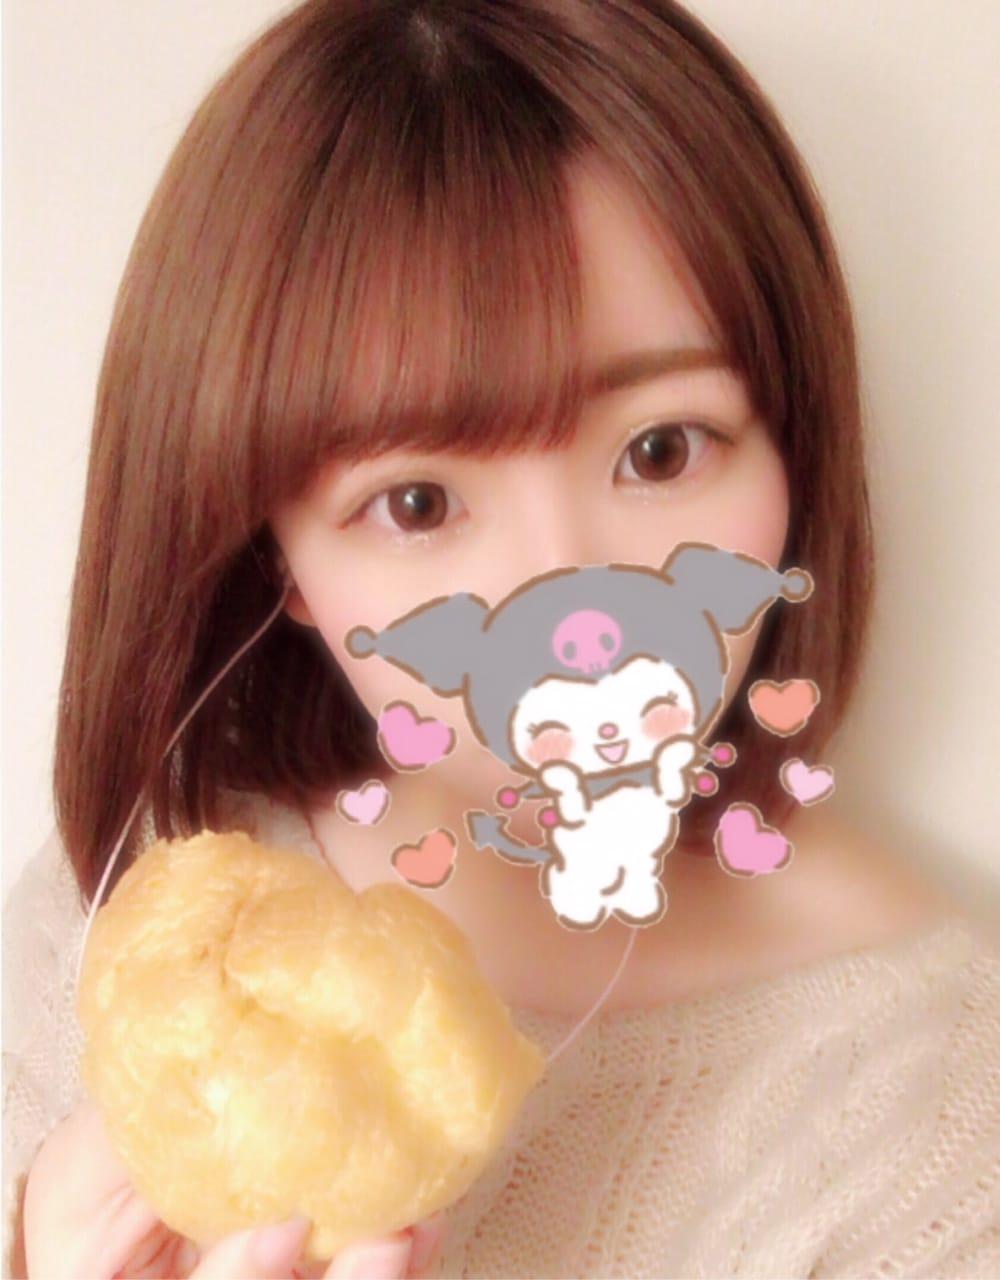 「みりあです」03/10(03/10) 19:20 | みりあちゃんの写メ・風俗動画